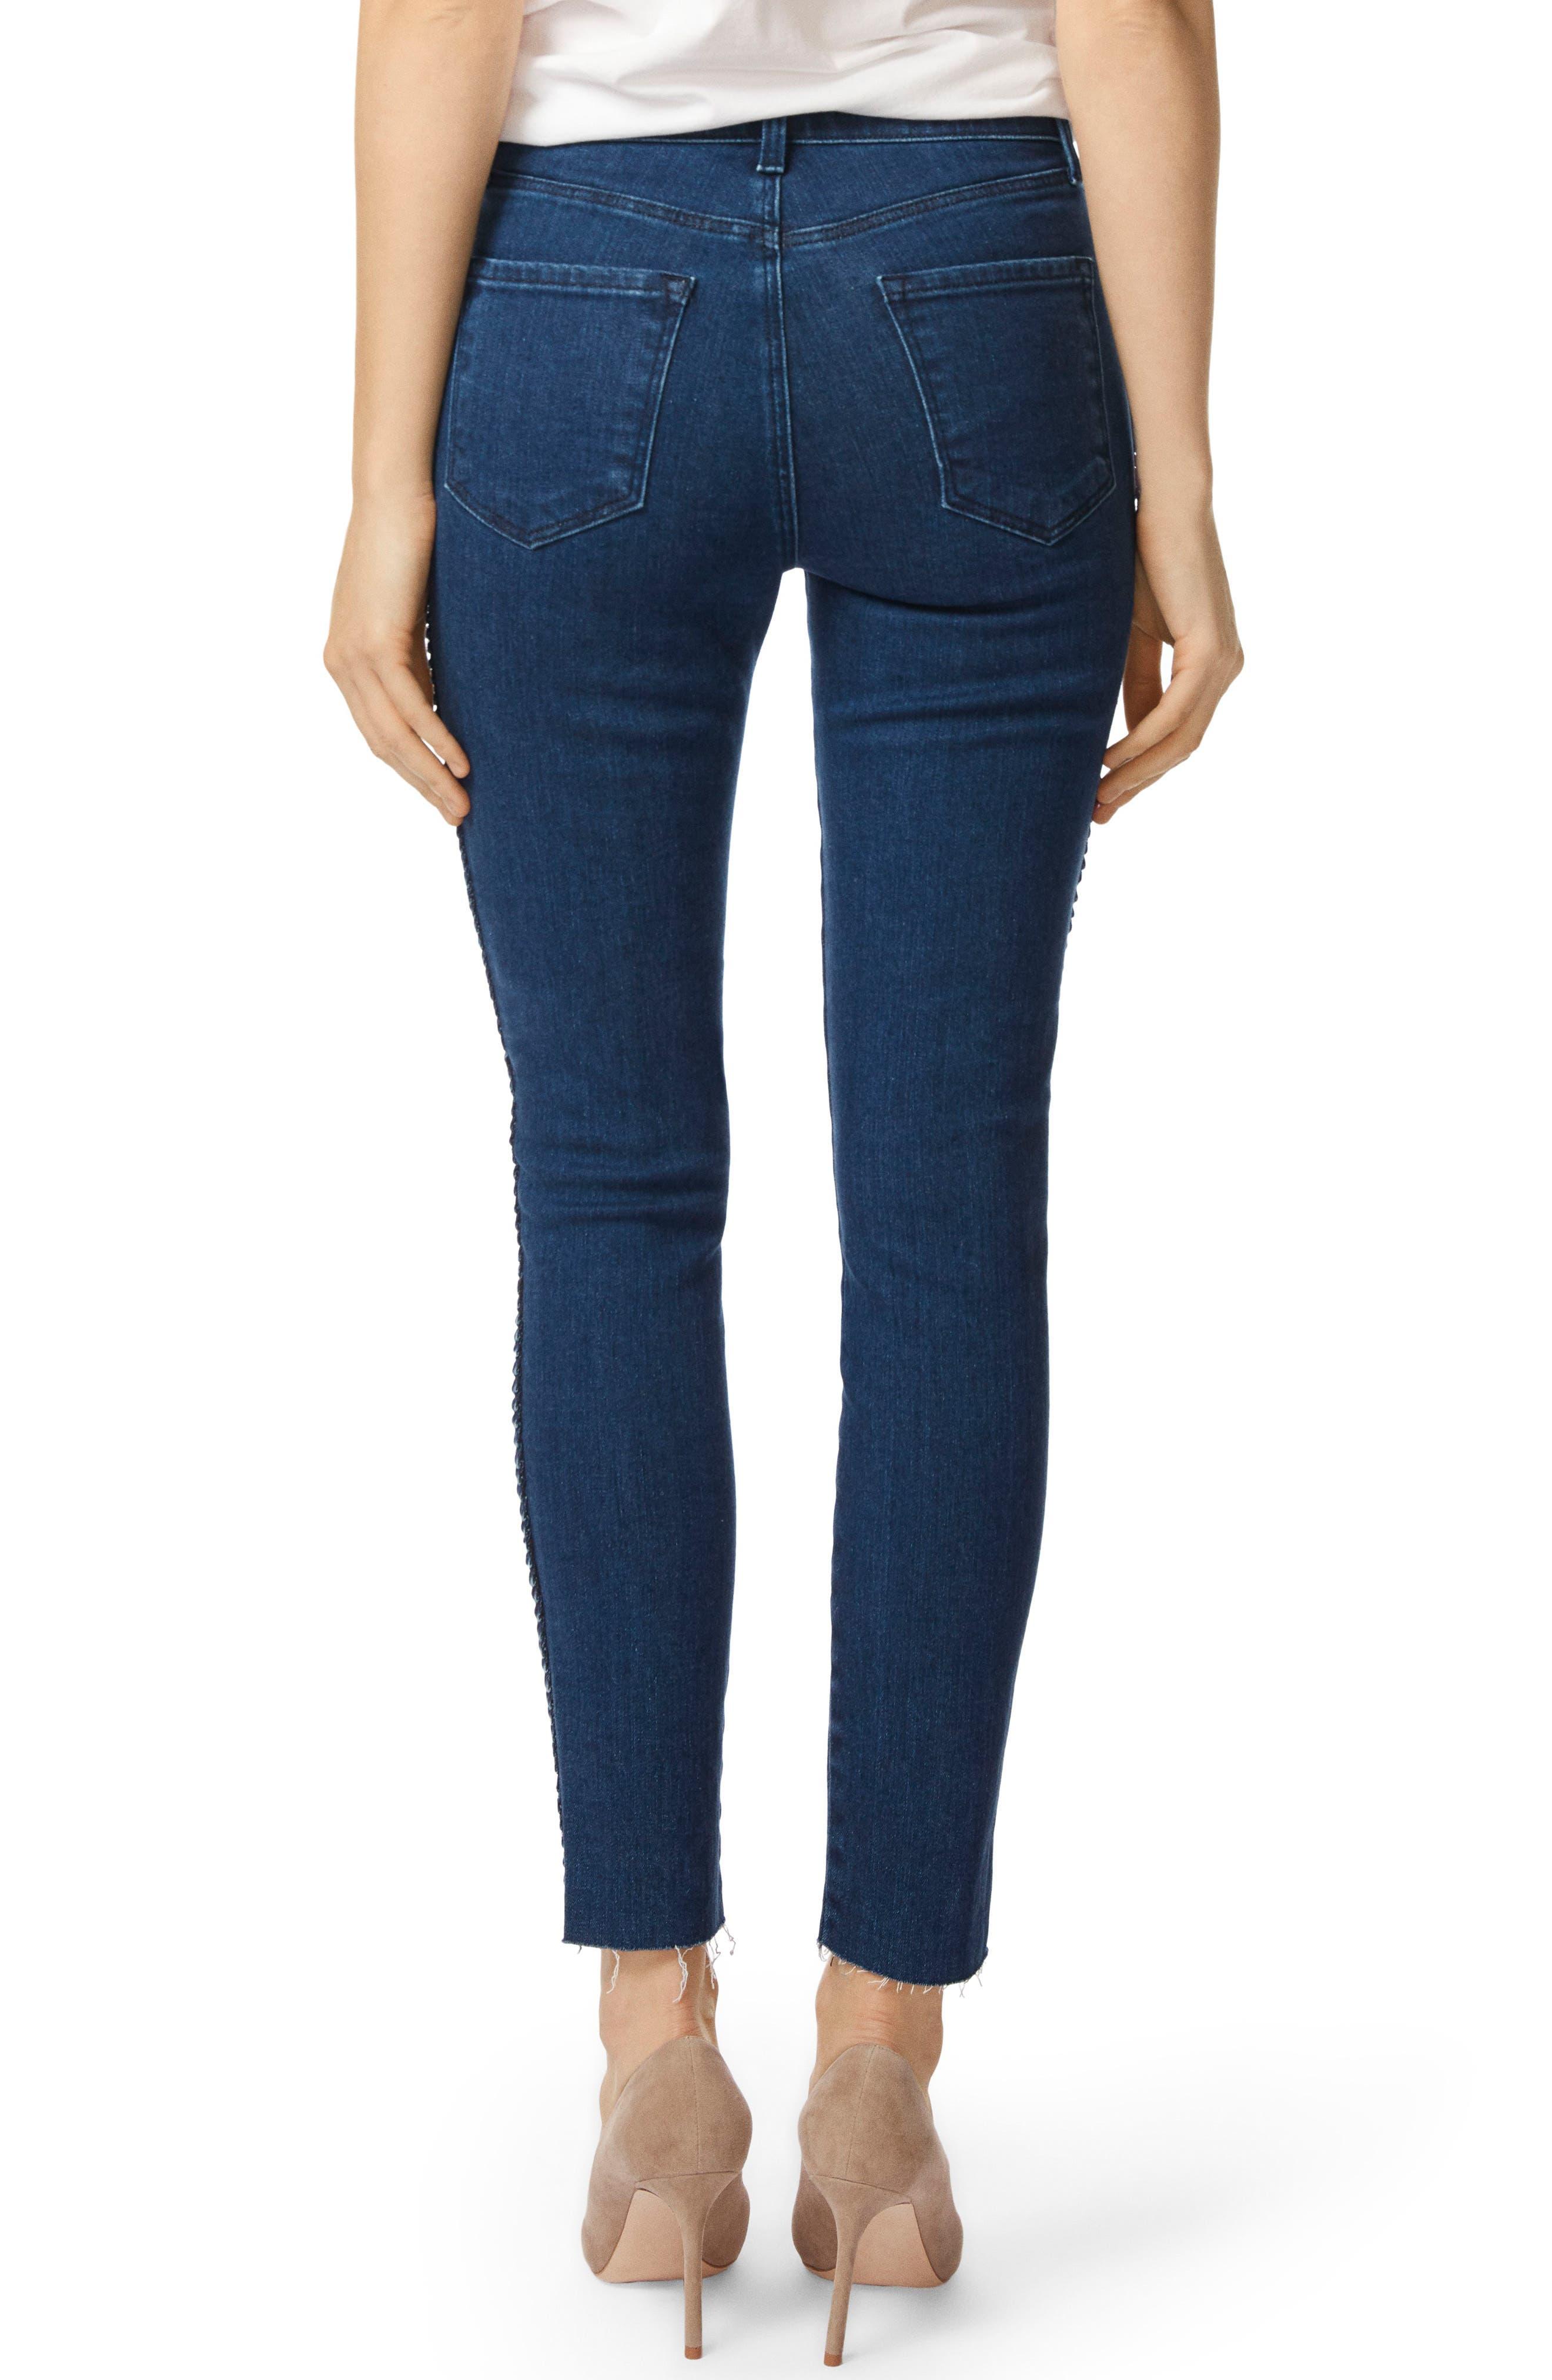 J BRAND Alana High Waist Ankle Skinny Jeans, Main, color, 405